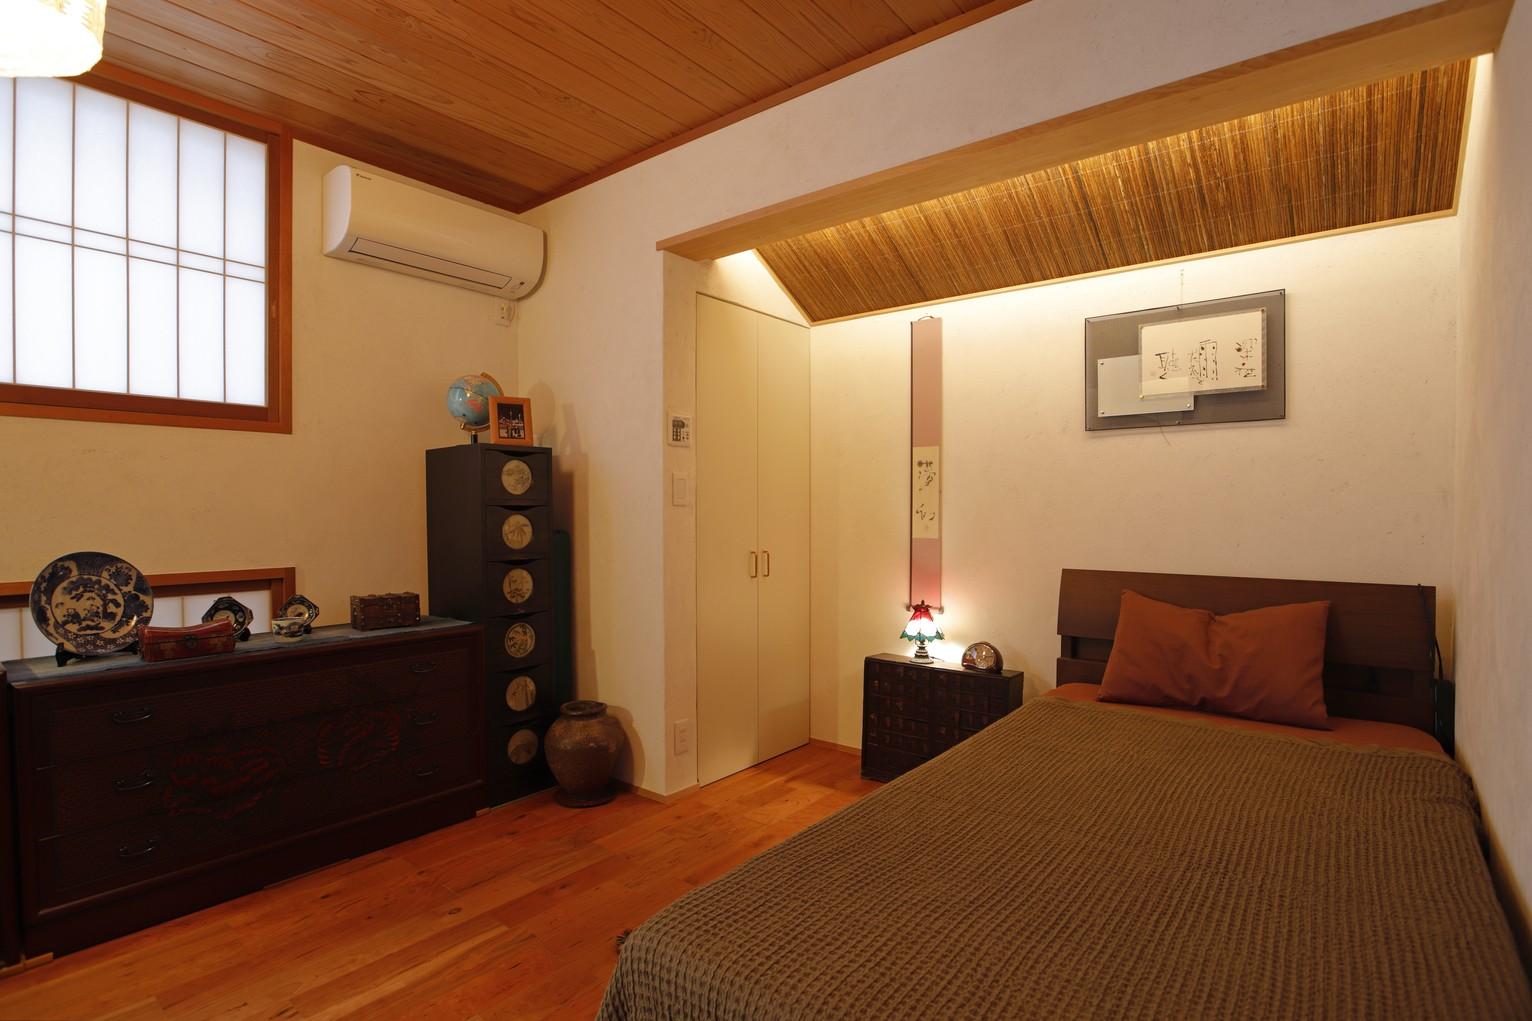 ベッドルーム事例:寝室(老後の暮らしのためのリノベーション~和室の寝室をベッドを置ける洋室に~)